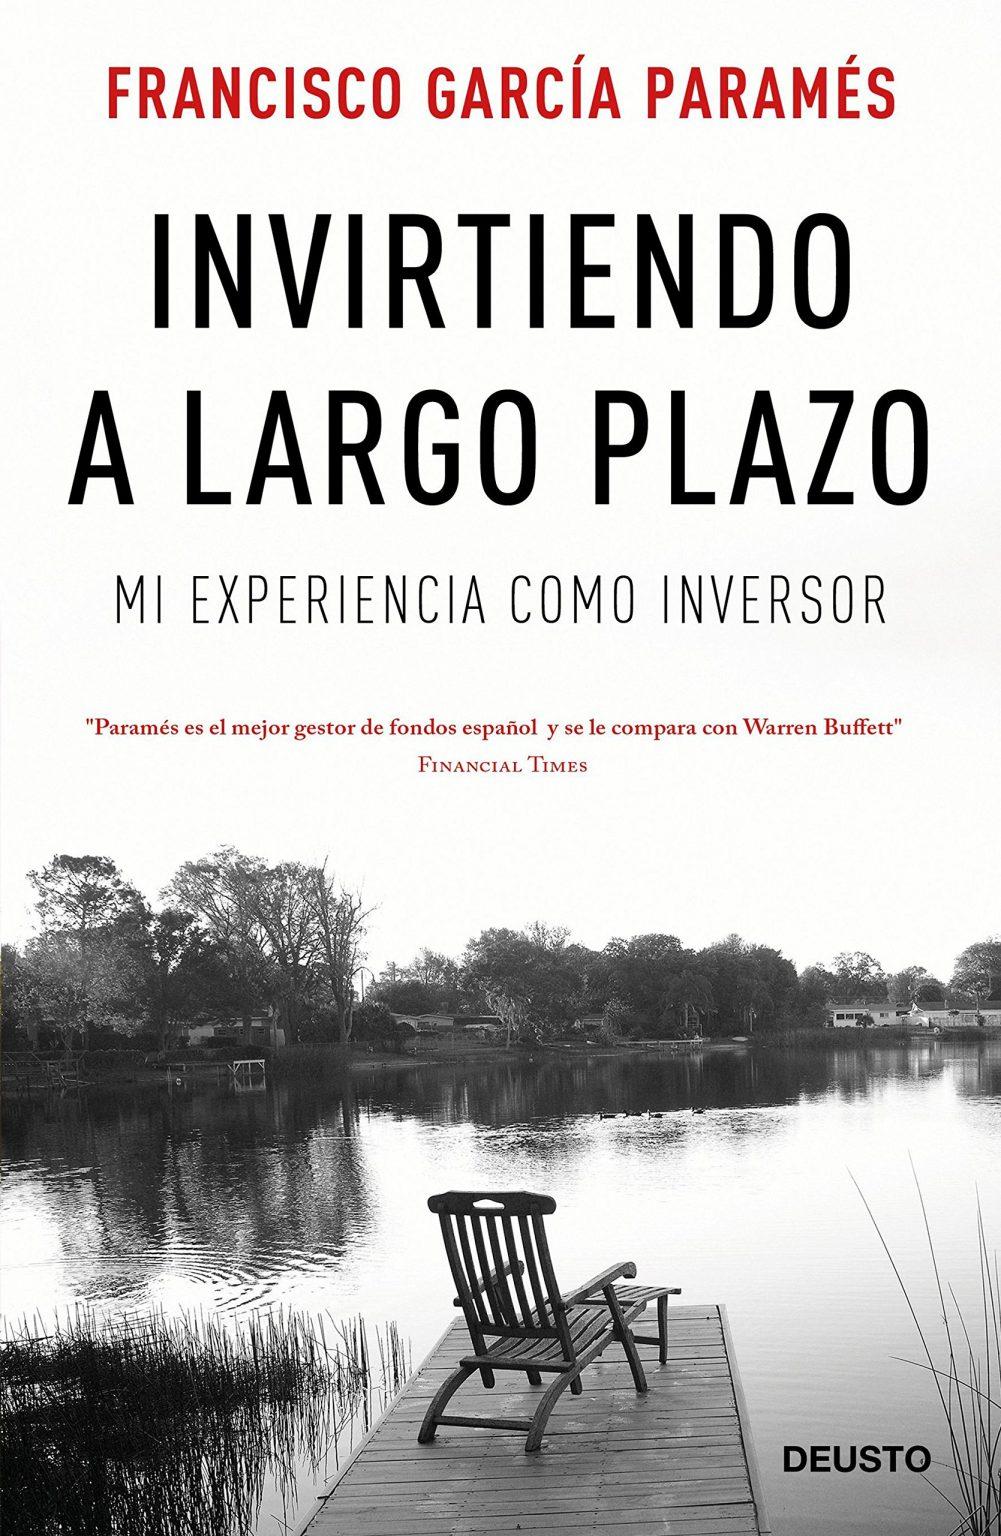 Invirtiendo a largo plazo – Francisco García Paramés